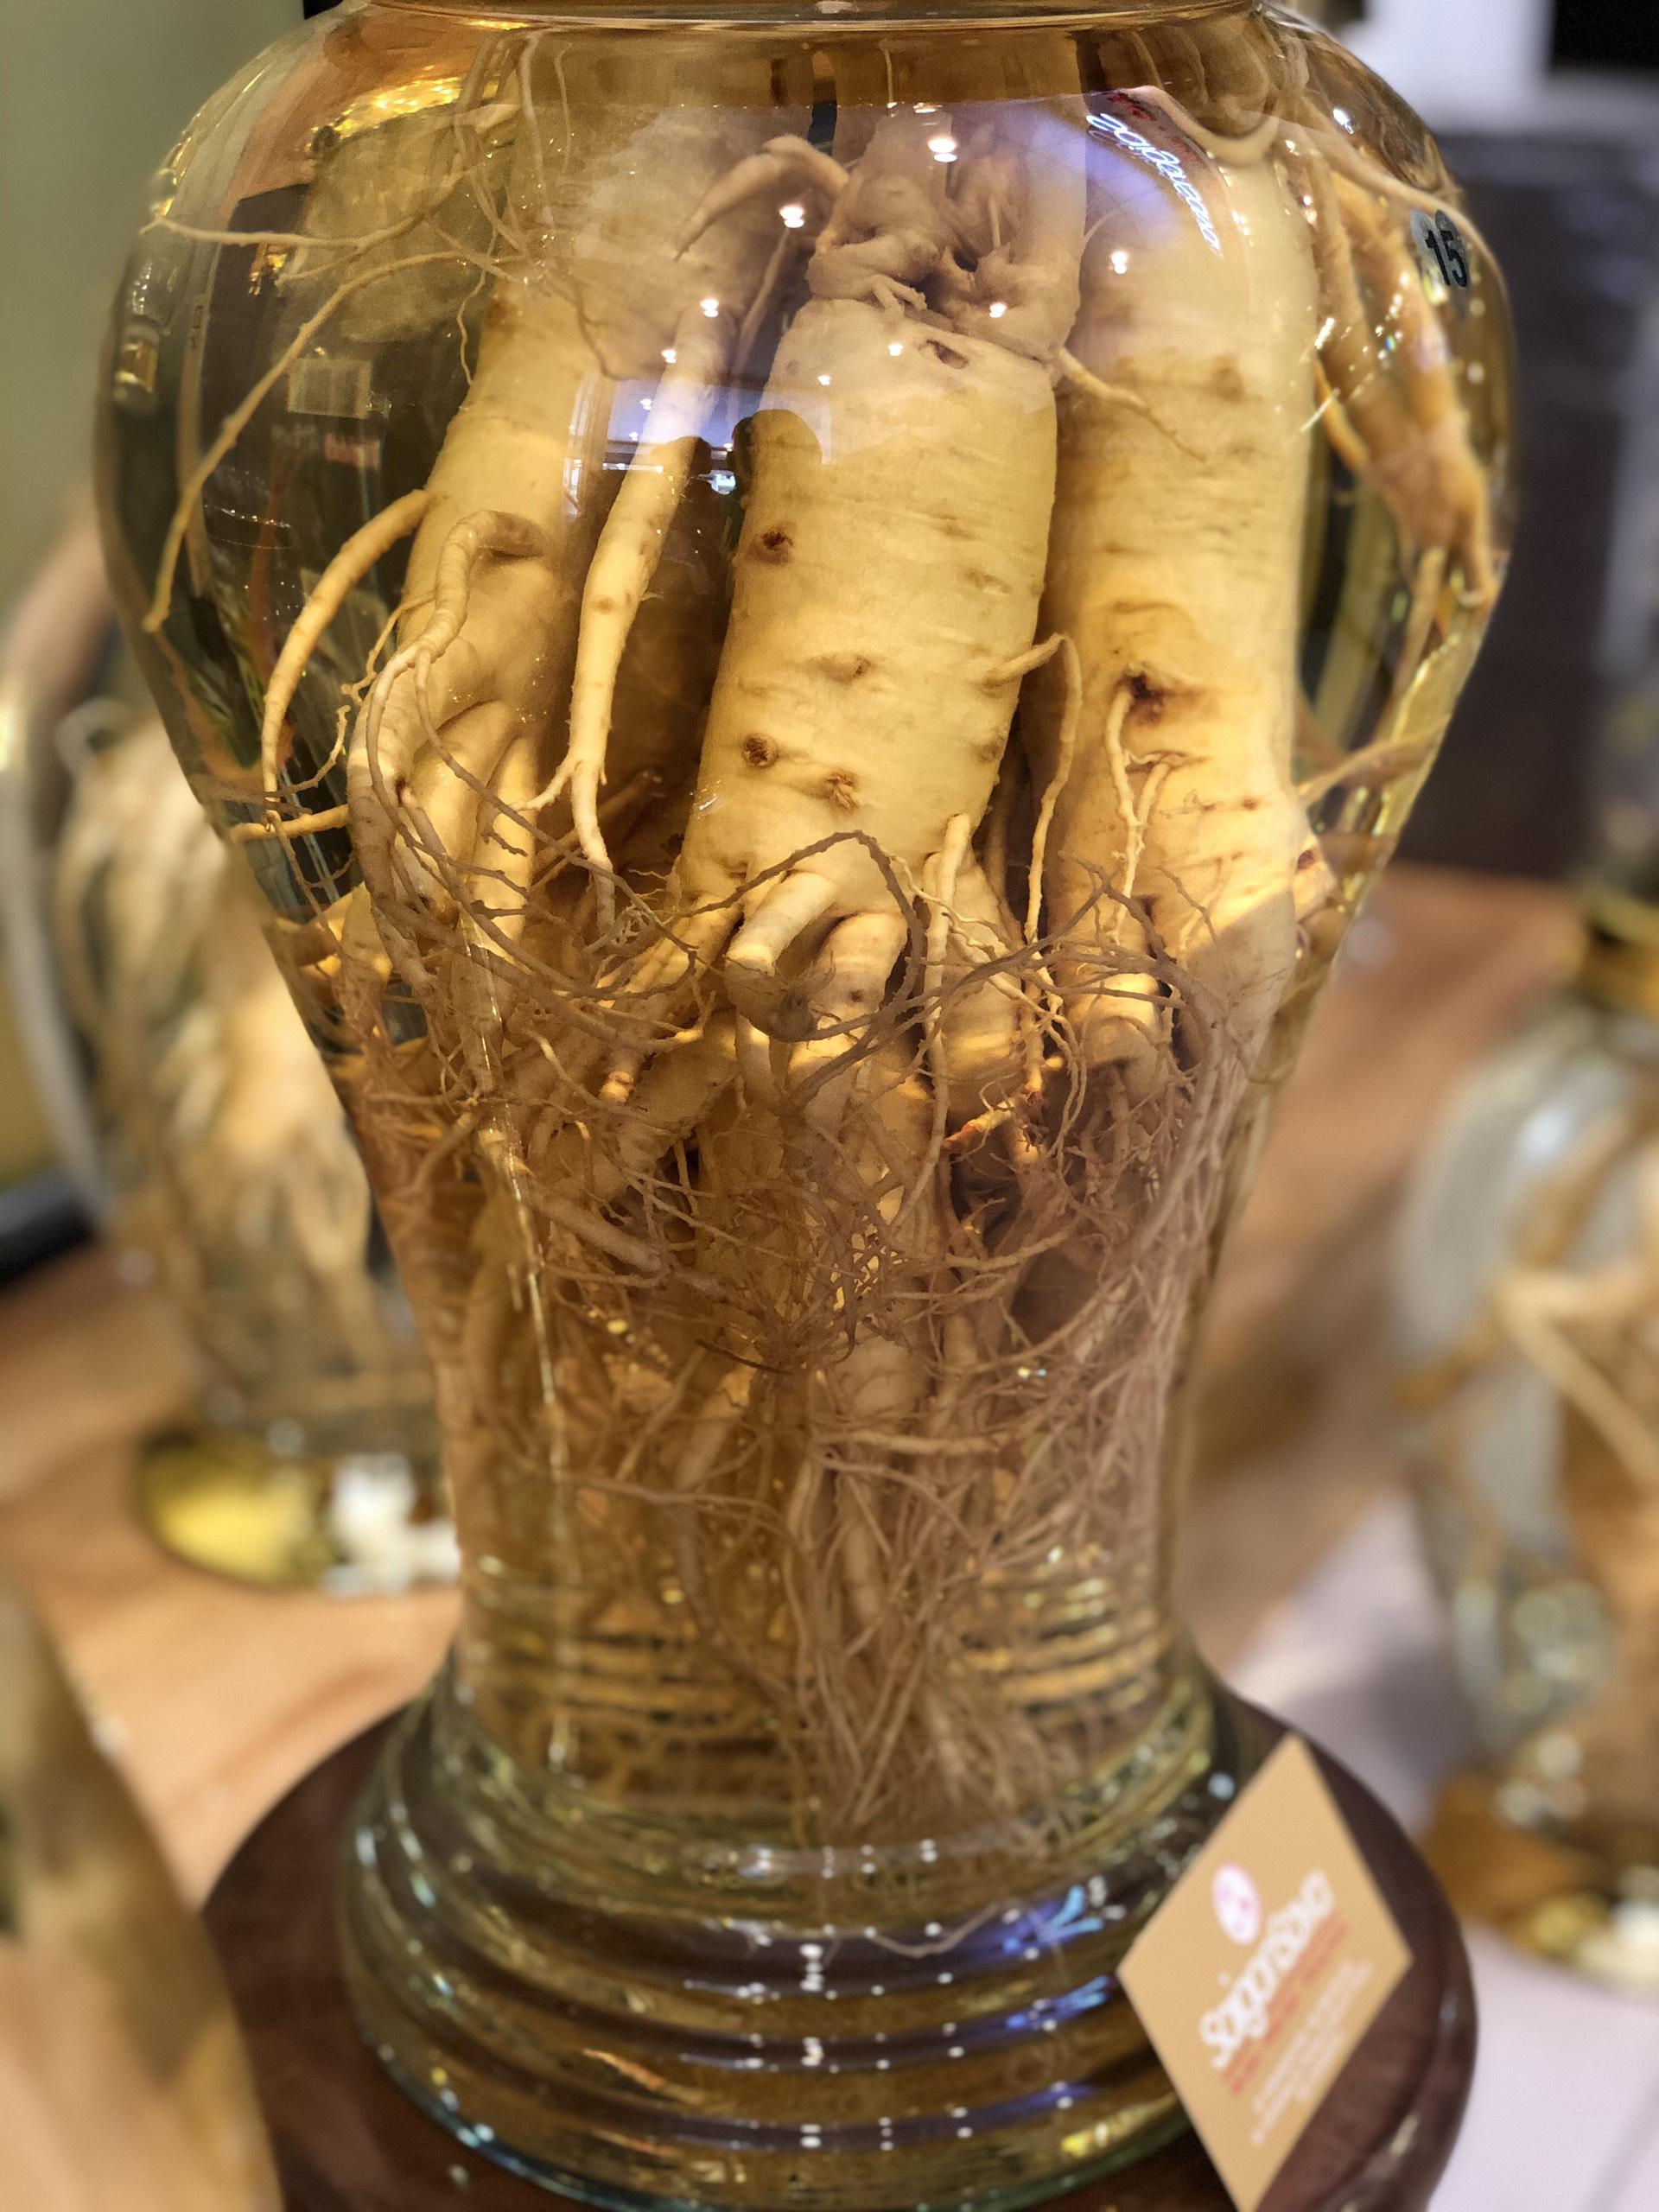 bình rượu sâm 13 lít sâm tươu 5 củ kg